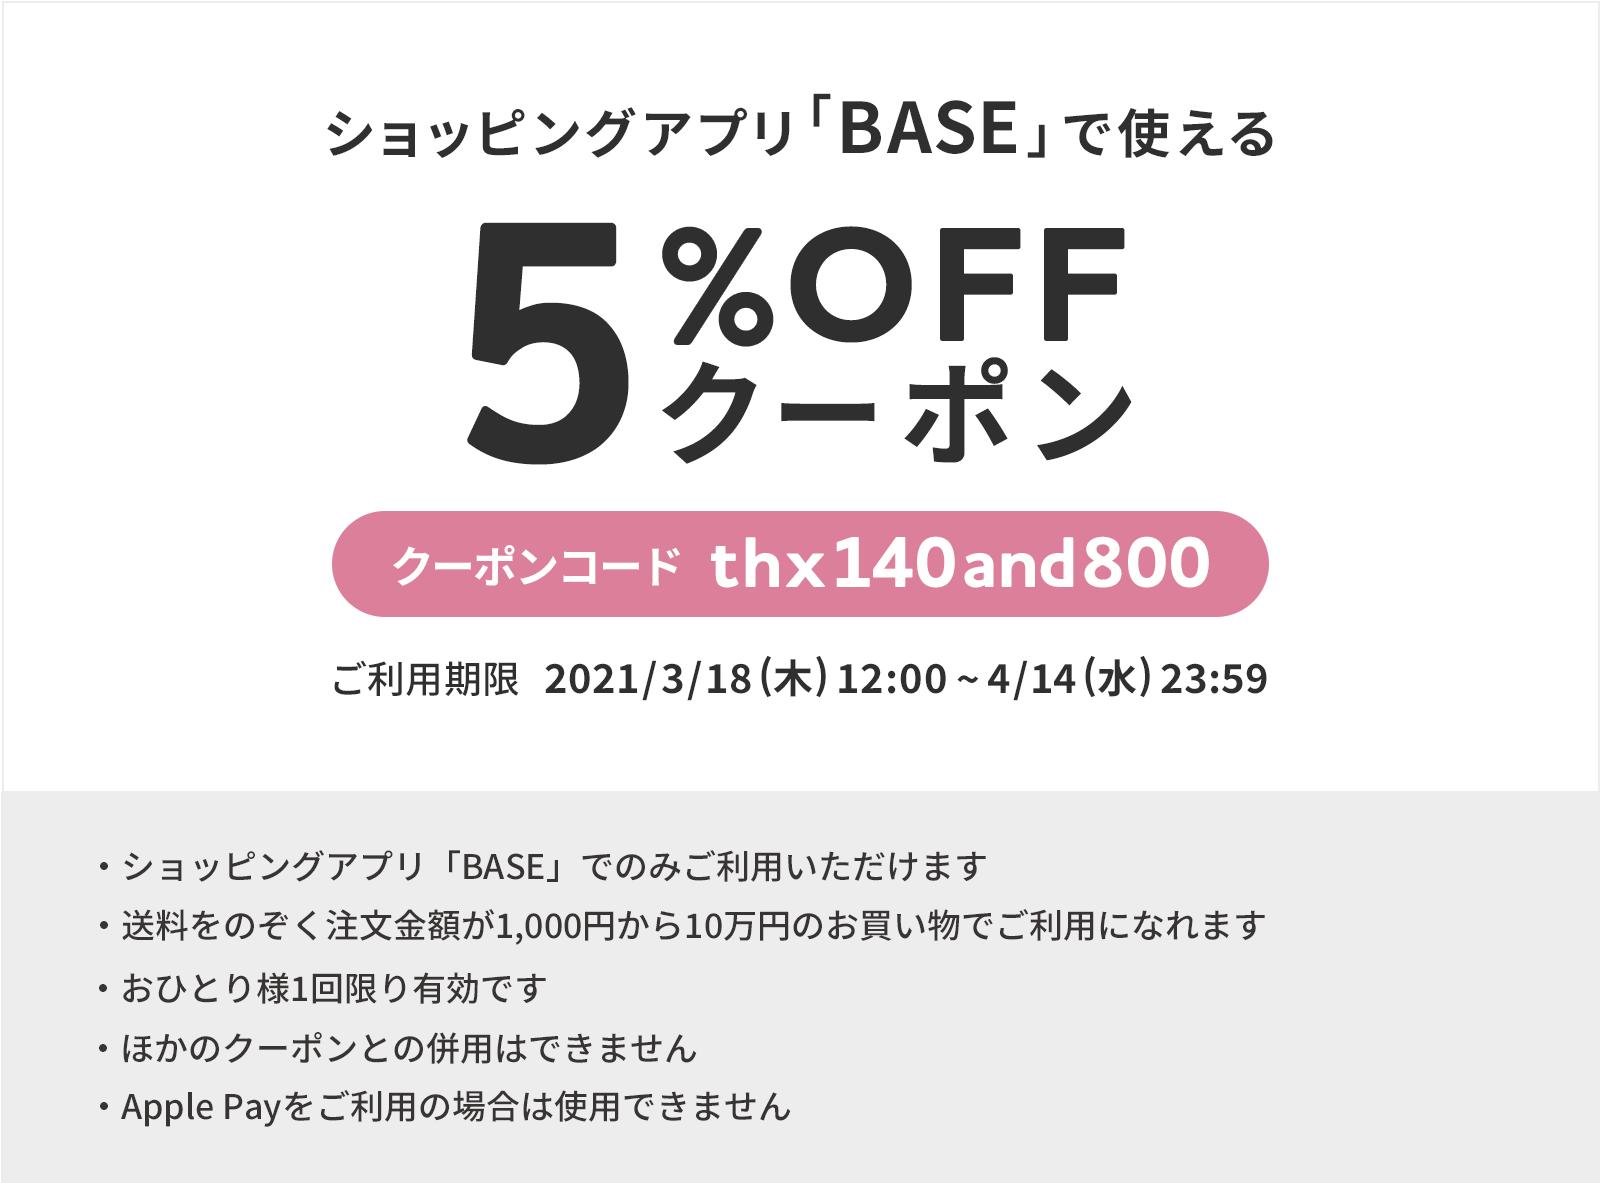 BASEより5%OFFクーポンコード。当店で使えます。3/18(木)~ 4月14日(水)まで